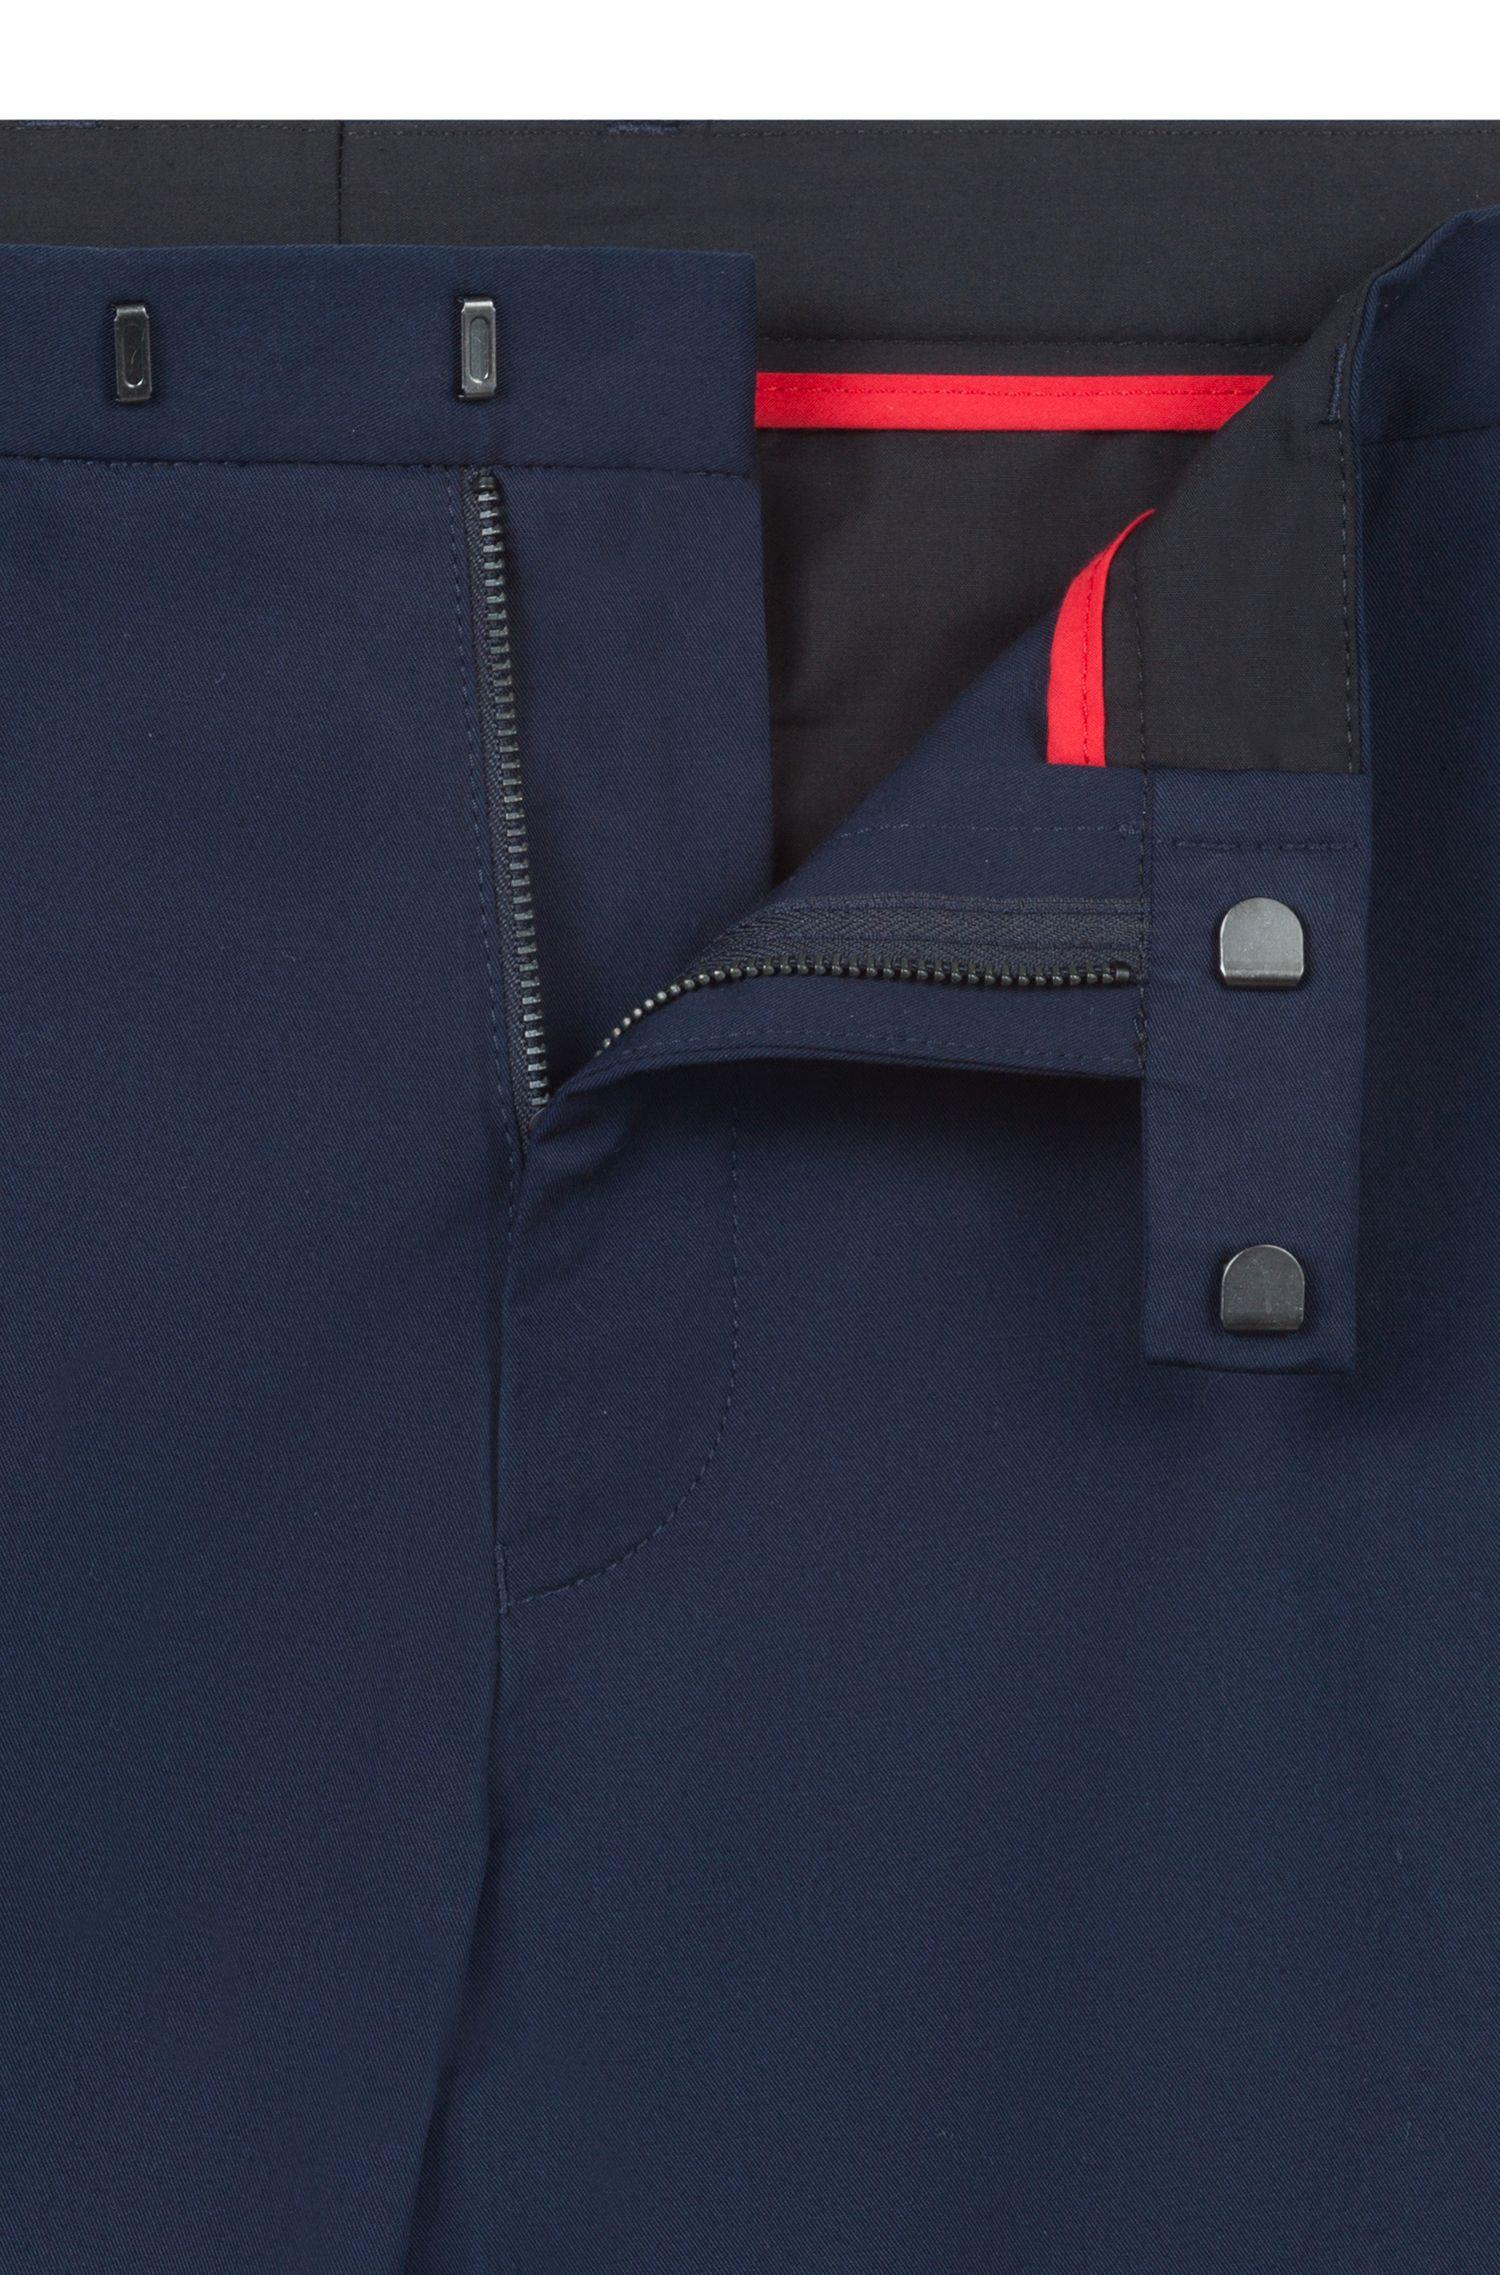 Pantaloncini slim fit in cotone elasticizzato con dettagli a contrasto, Blu scuro